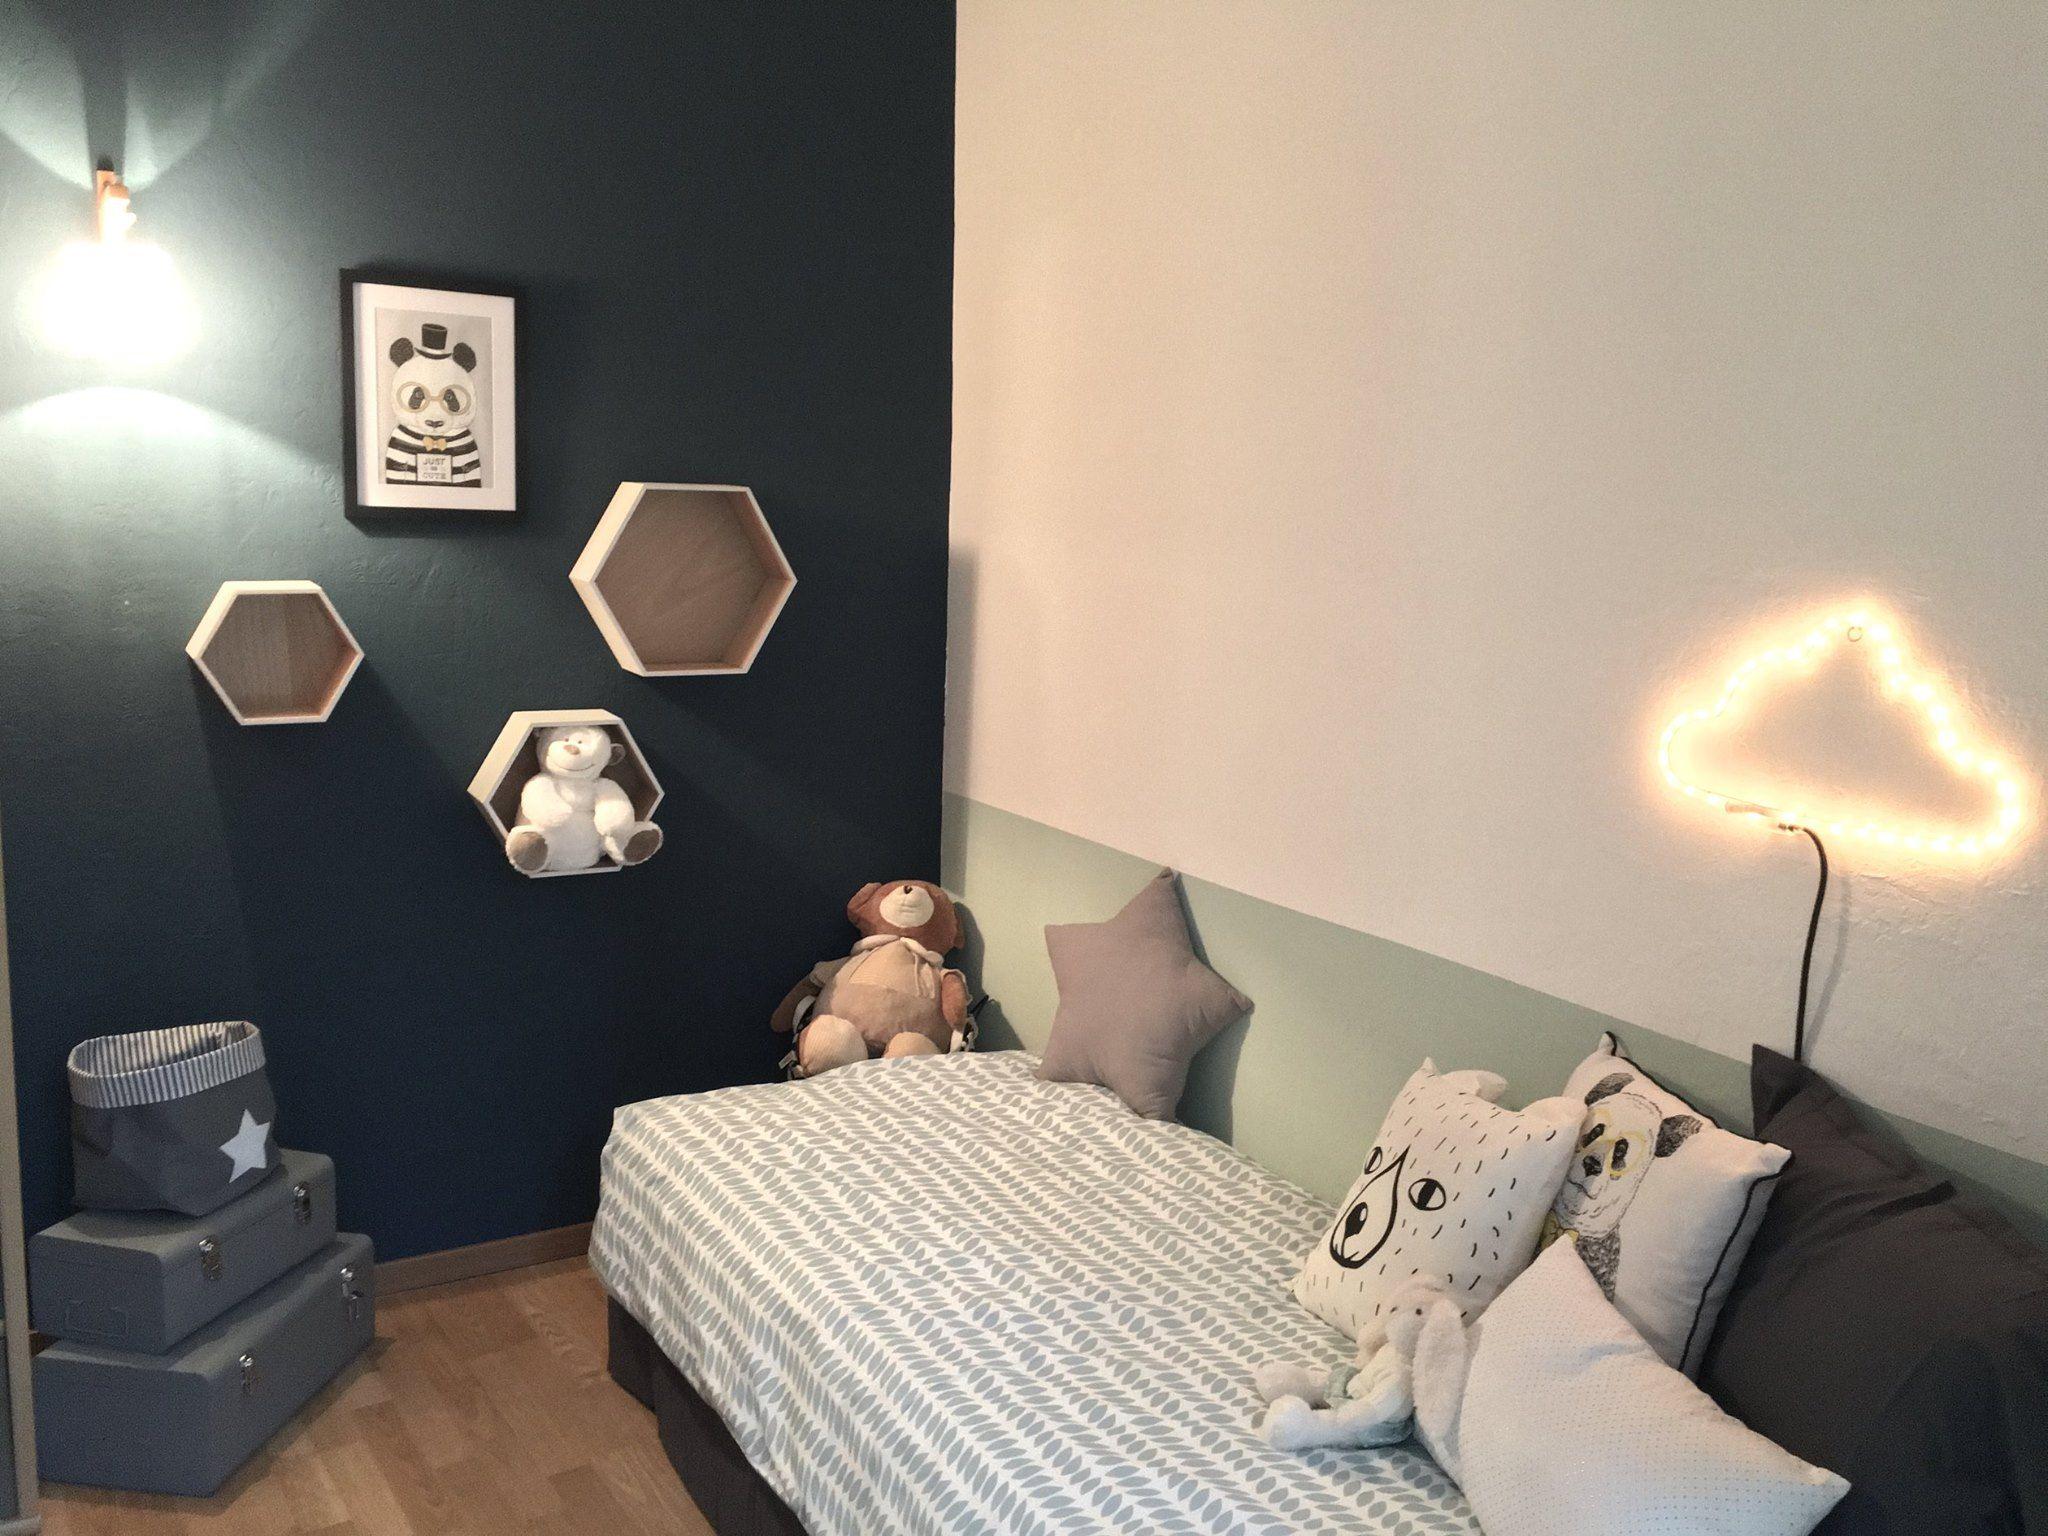 Sophie Ferjani Maison A Vendre Deco Chambre Bleu Deco Chambre